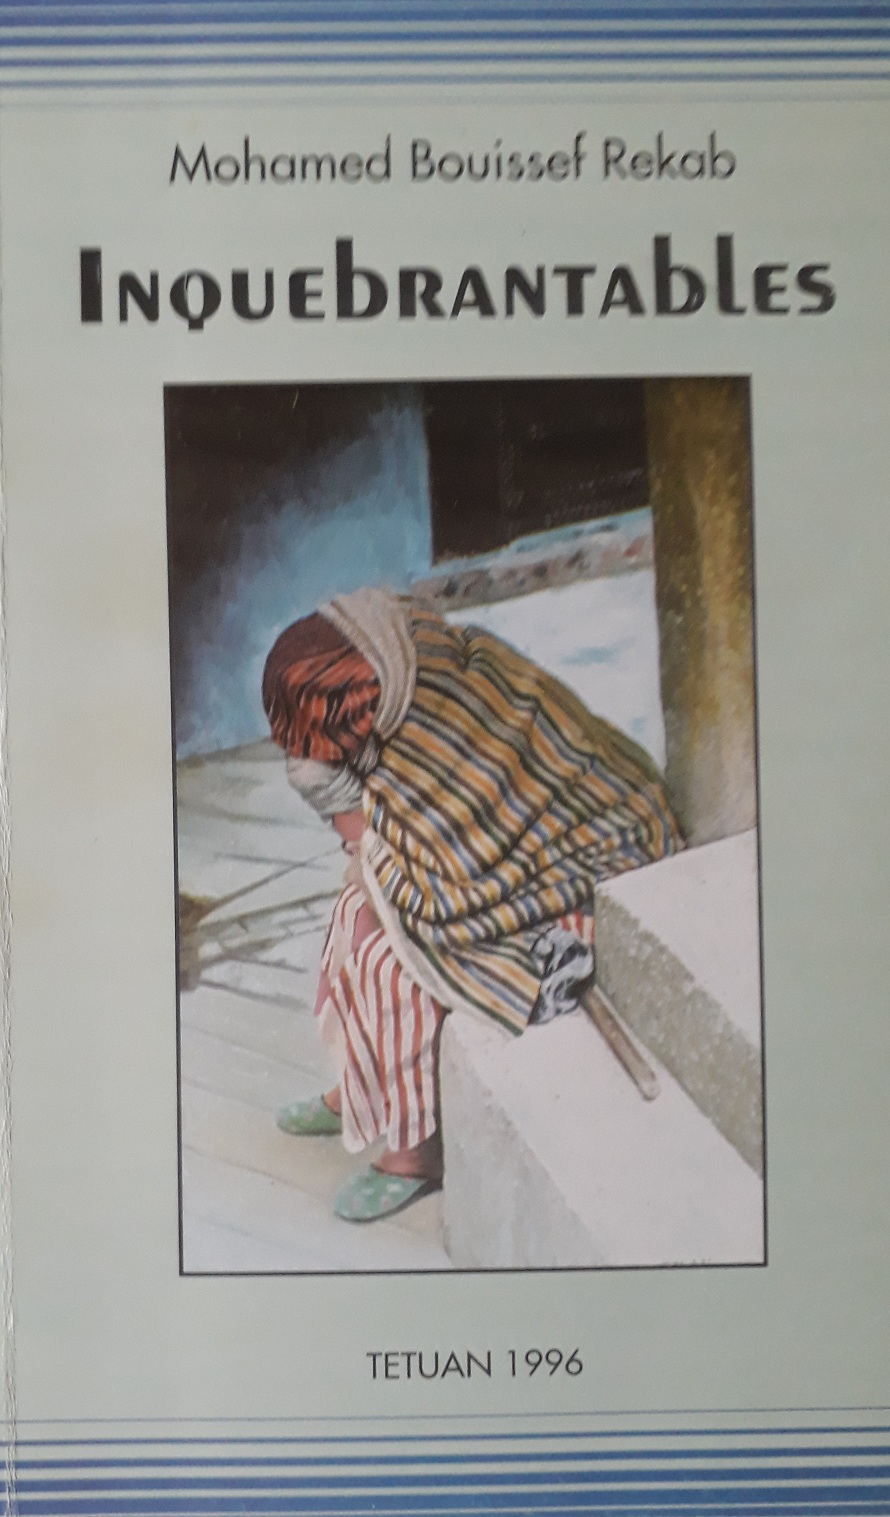 Inquebrantables Mohamed Bouissef Rekab. Imprial – Rabat, 1996.   Es la continuidad de las vivencias de varios personajes de Desmesura. En la aldea que se ha configurado en el primer libro de la trilogía, hay una escapada hacia otros lugares del país, sobre todo a Tetuán. Uno de los personajes es Siru, un joven que predice el destino y que nadie sabe quiénes son los padres  ni de donde ha venido. Aparecen personajes urbanos de gran calado que irán mostrando las diferencias entre gente del campo y gente de la ciudad. Antes de pasar a la tercera parte de la trilogía, se escribe esta novela en la que, aunque los nombres y lugares sean otros, se cuenta un hecho real. El amor en su faceta más cruel. Un incesto involuntario y unas familias obligadas a entenderse para poder vivir sin remordimientos.